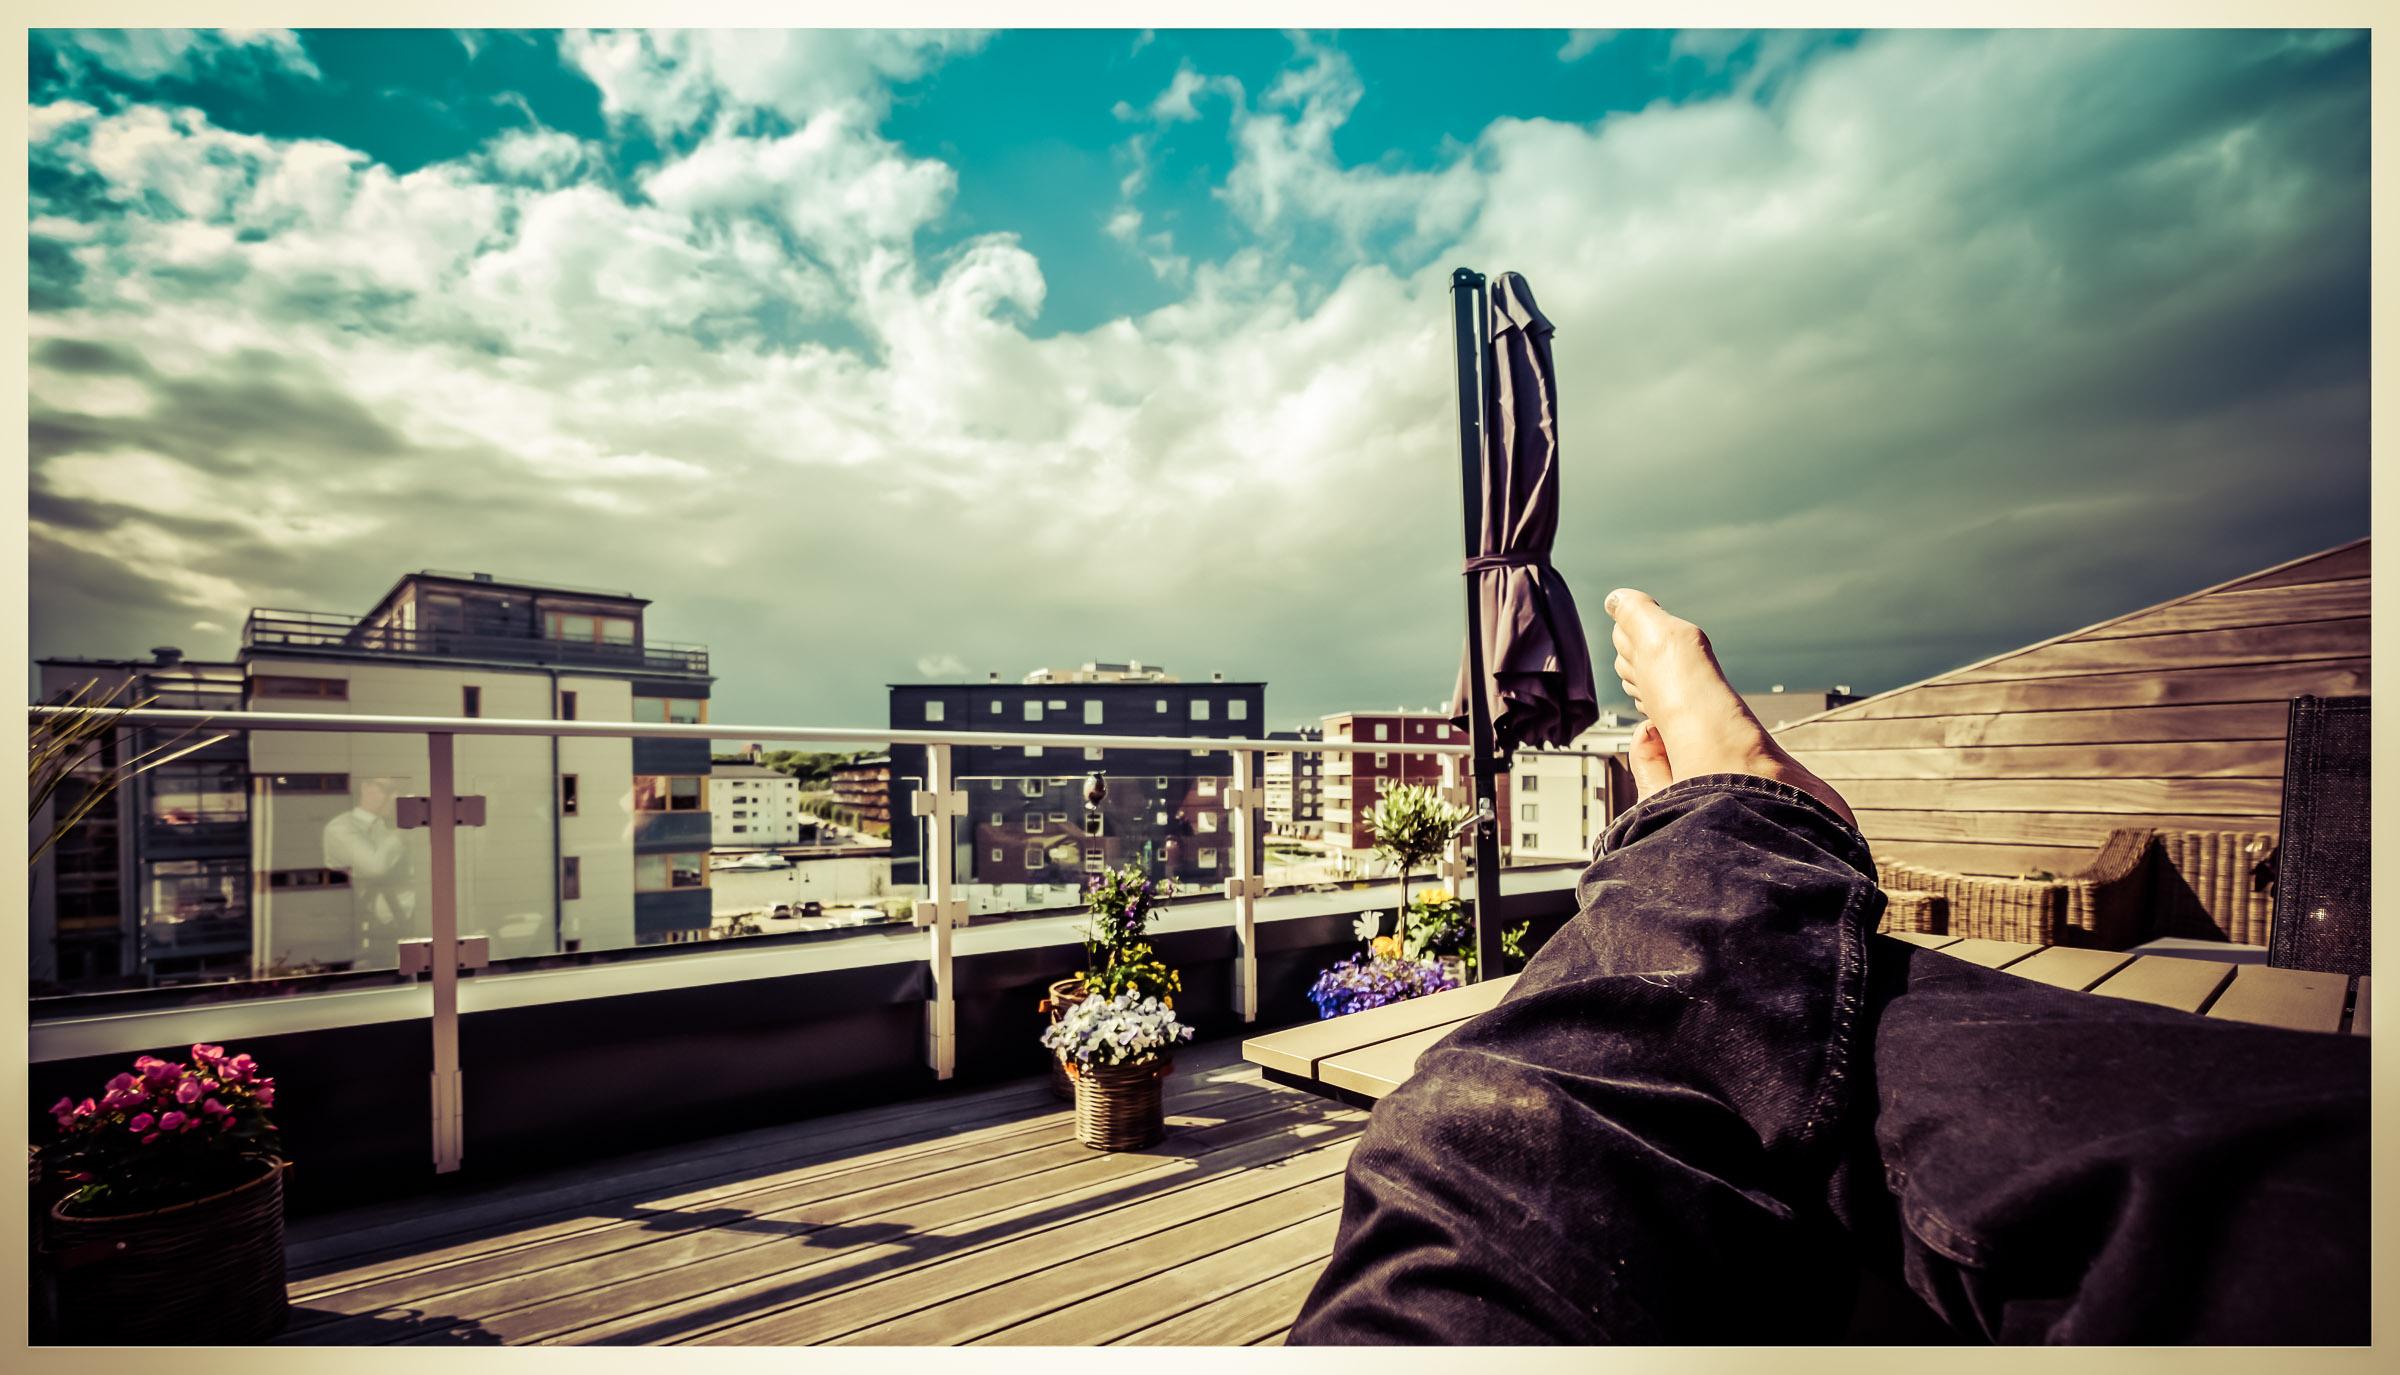 Feet up in the sun in Sannegården